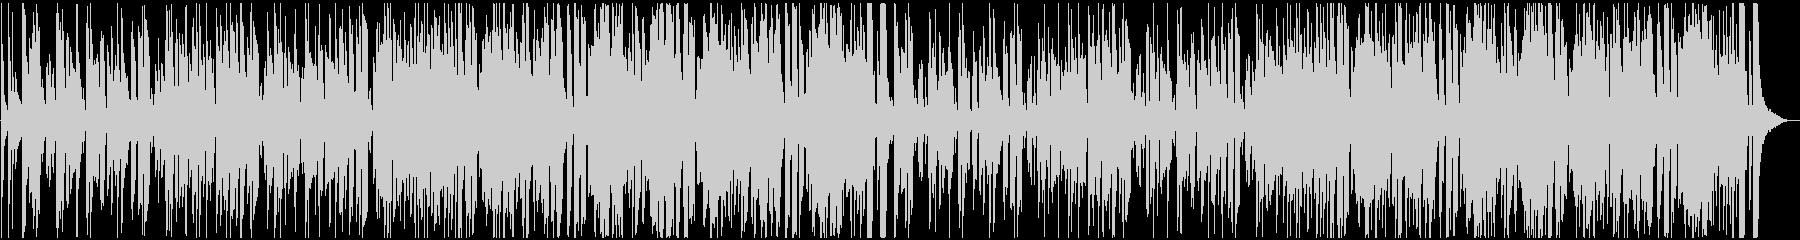 グルーヴィーなJAZZフュージョンBGMの未再生の波形